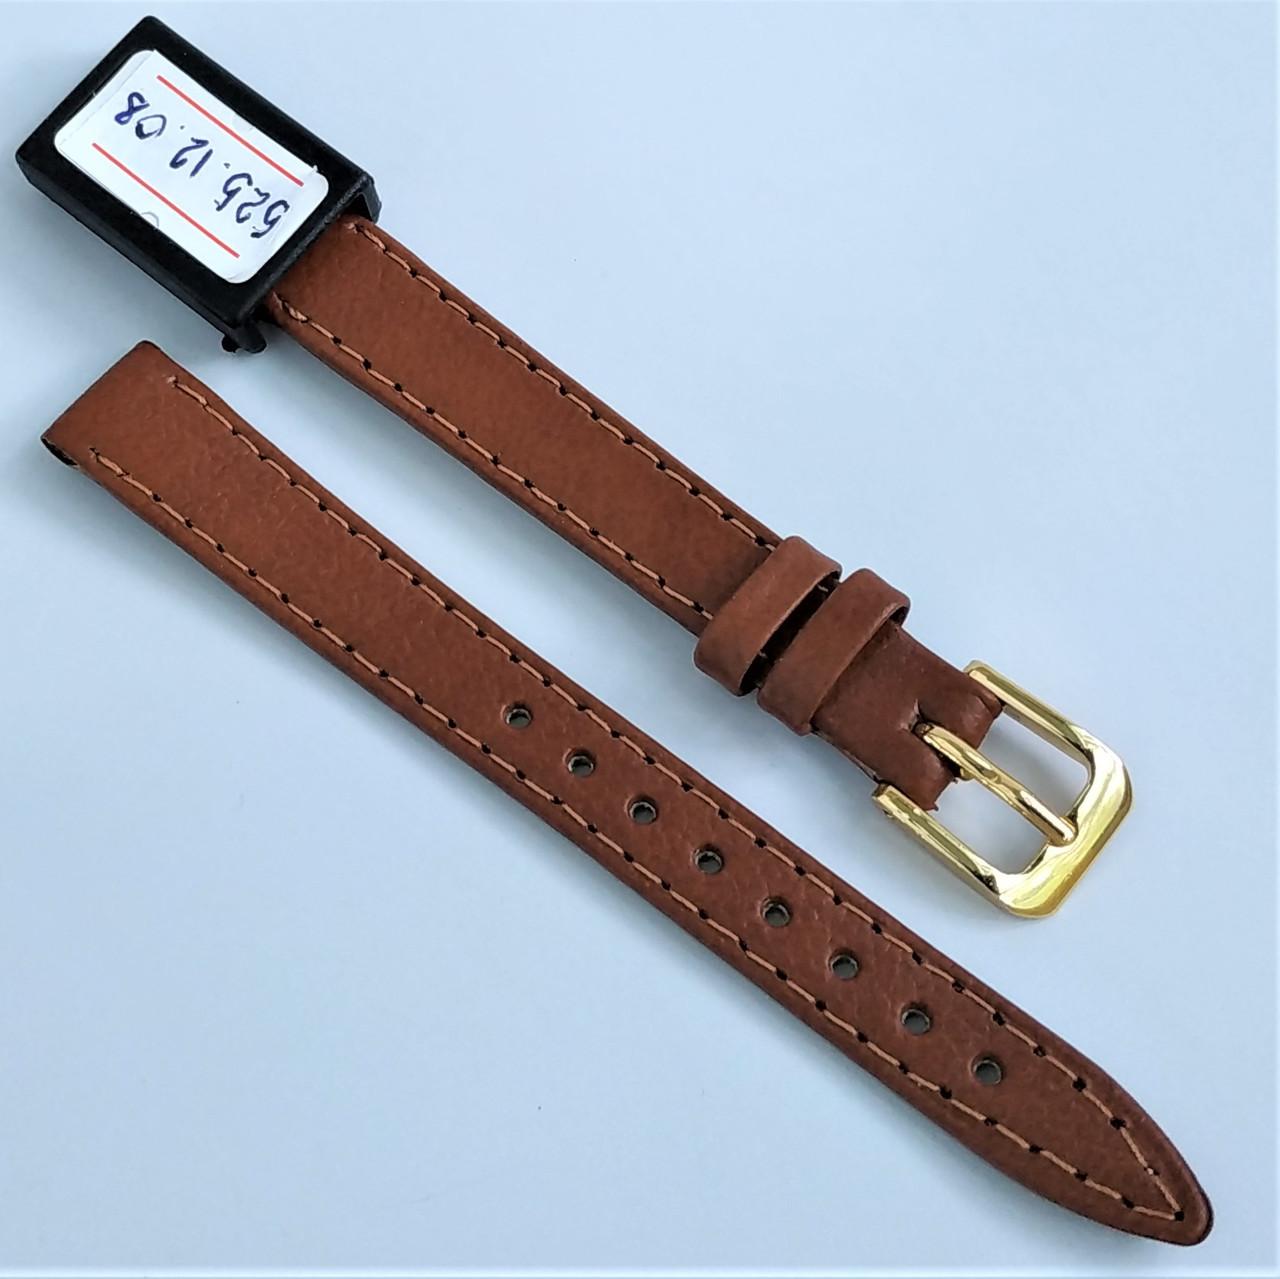 12 мм  Кожаный Ремешок для часов CONDOR 525.12.08 Коричневый Ремешок на часы из Натуральной кожи